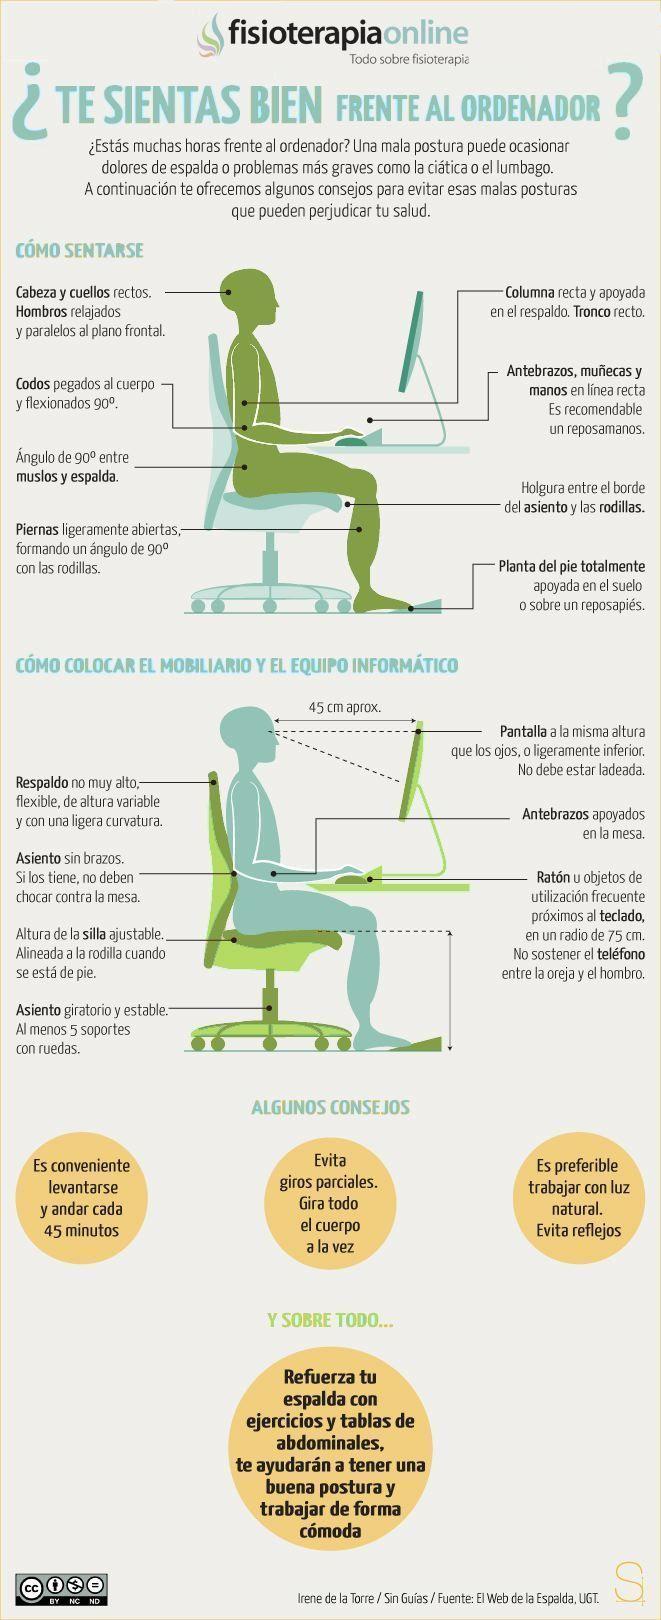 Cómo sentarte de forma correcta frente al ordenador y evitar dolores de espalda